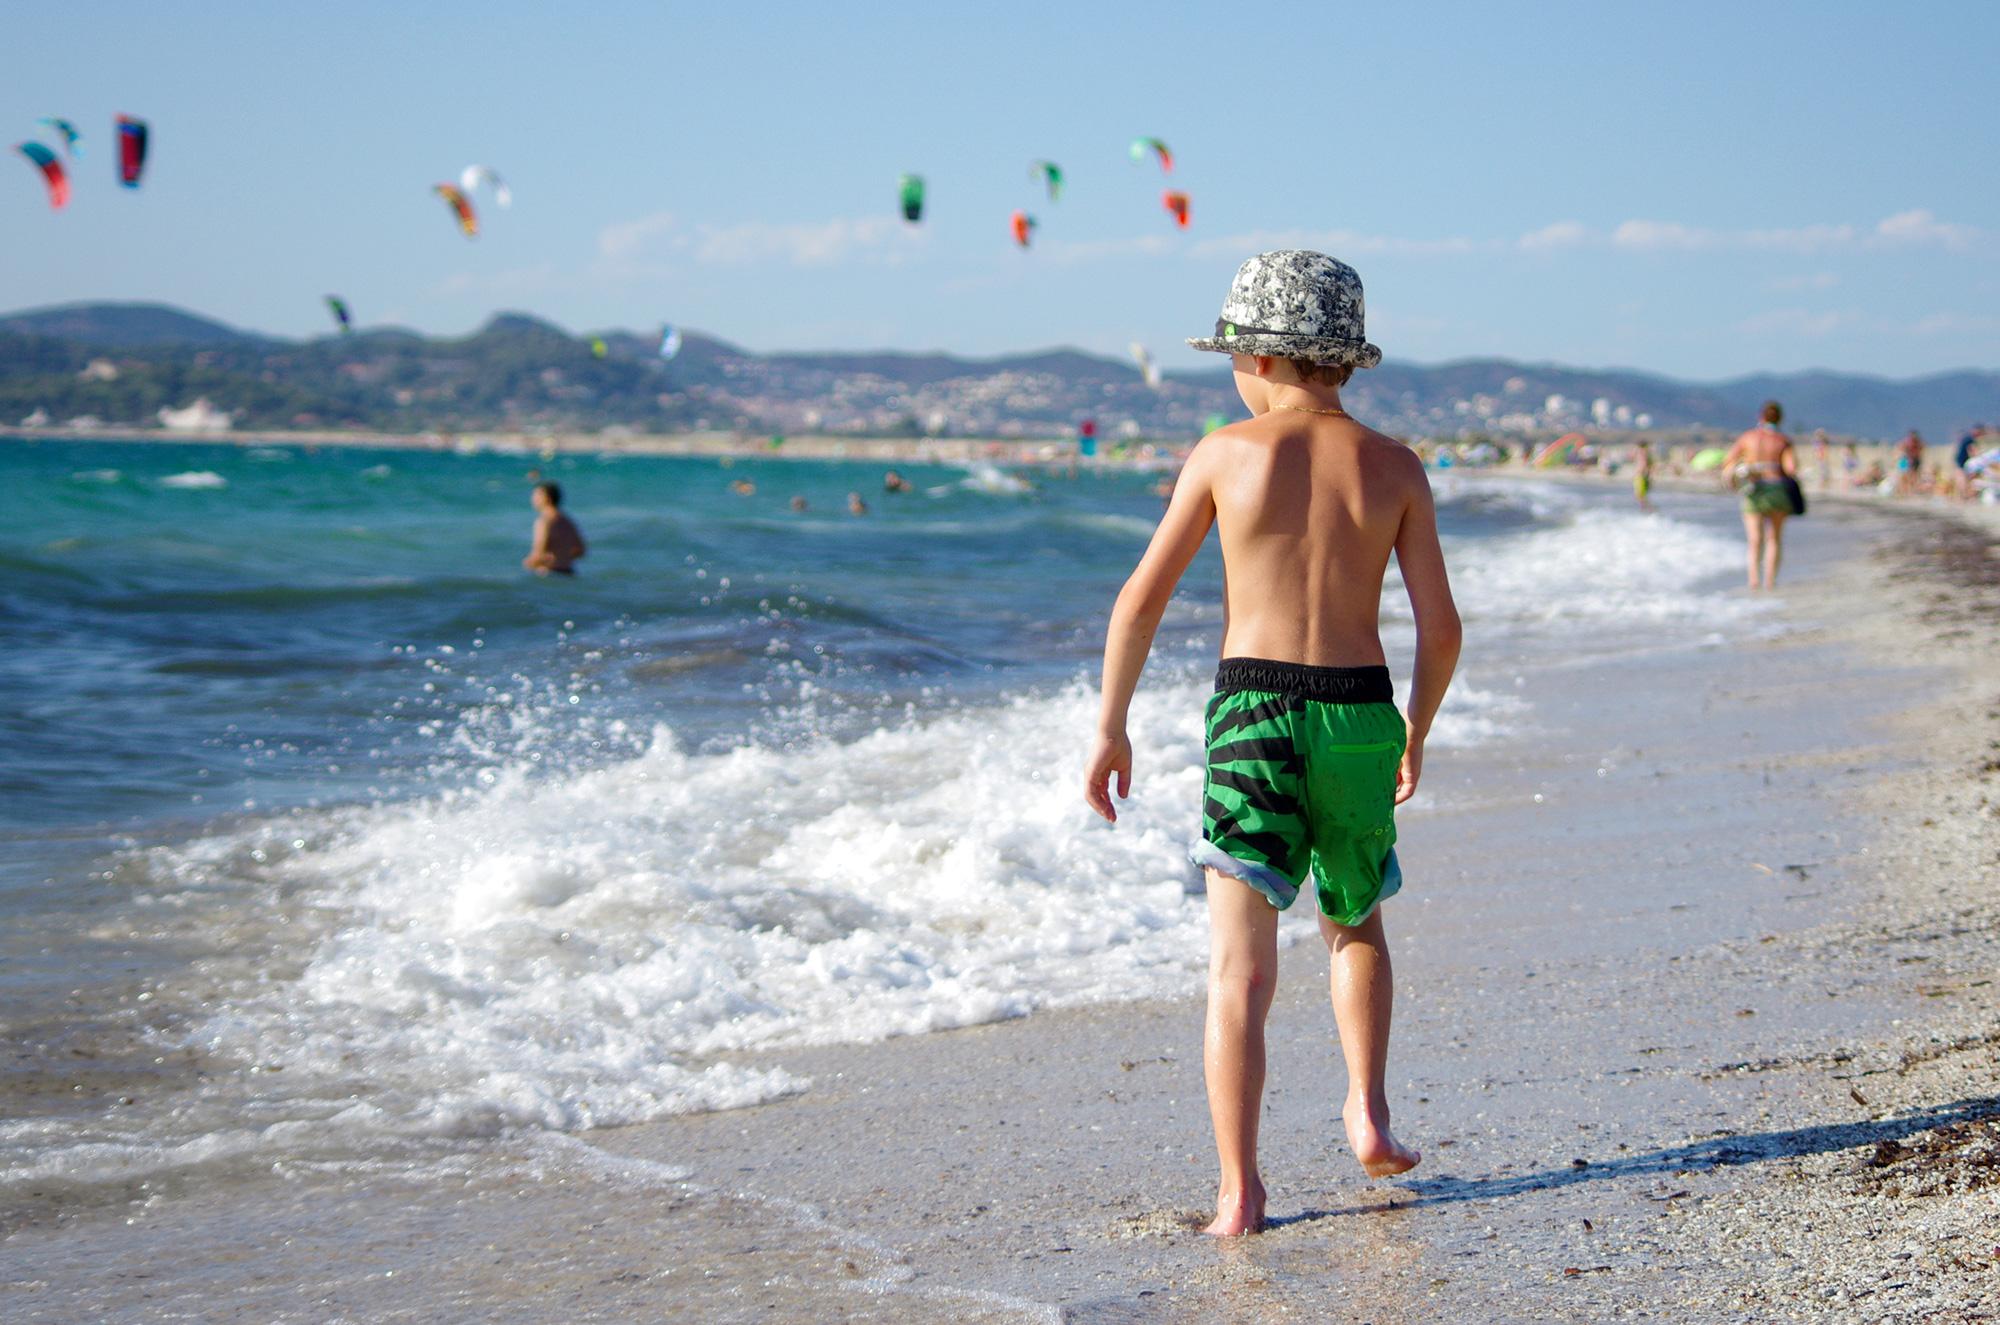 Tourisme : Vacances en France et annulations de réservations possibles cet été - Routard.com